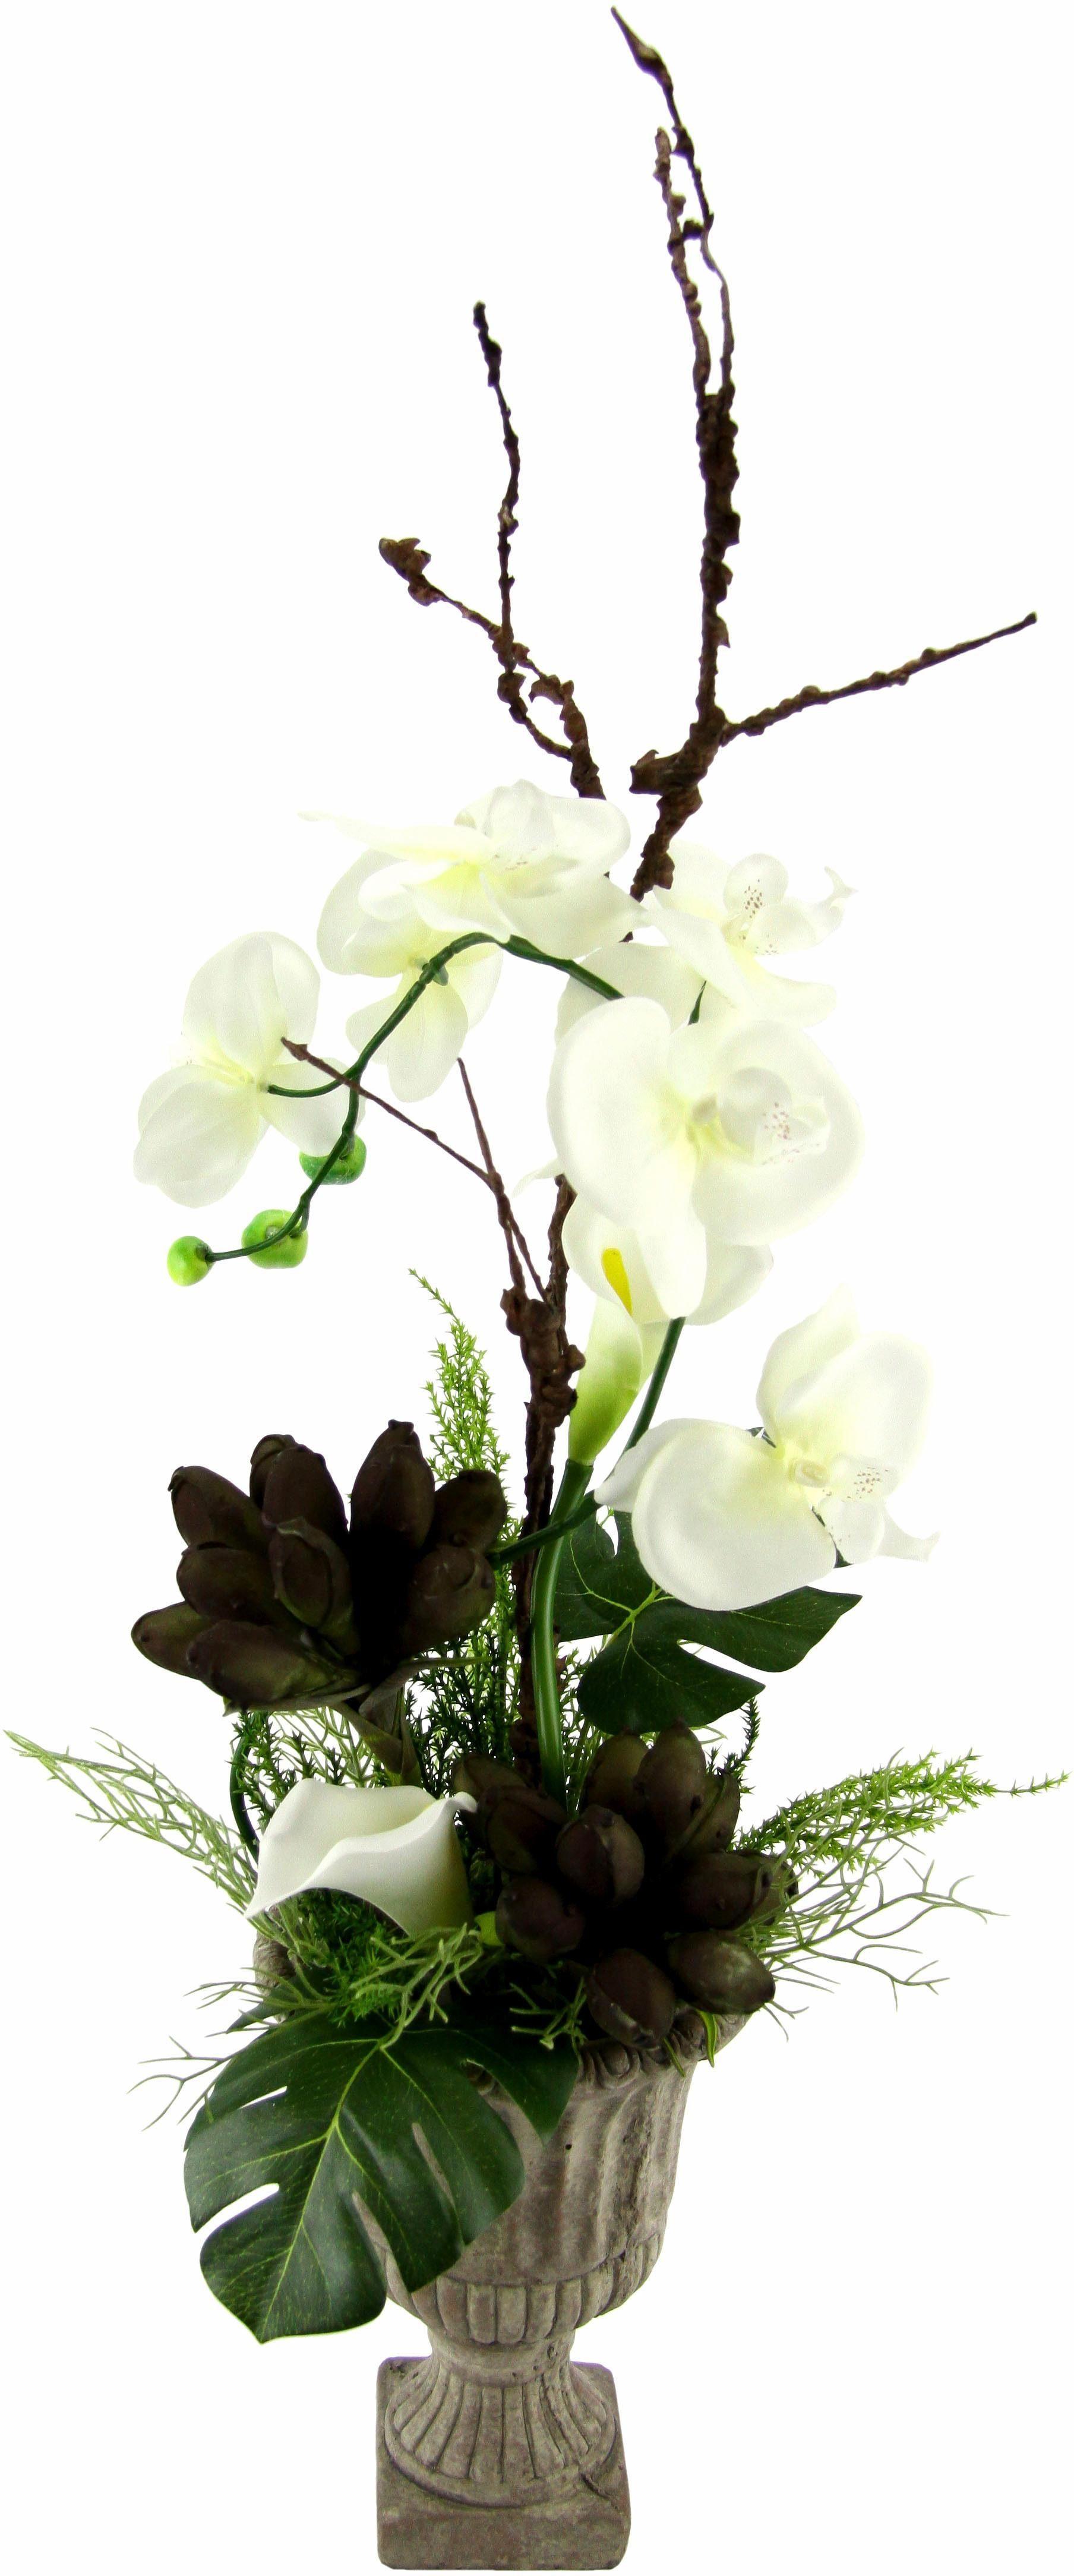 Home affaire Kunstblume »Orchidee« im Pokal